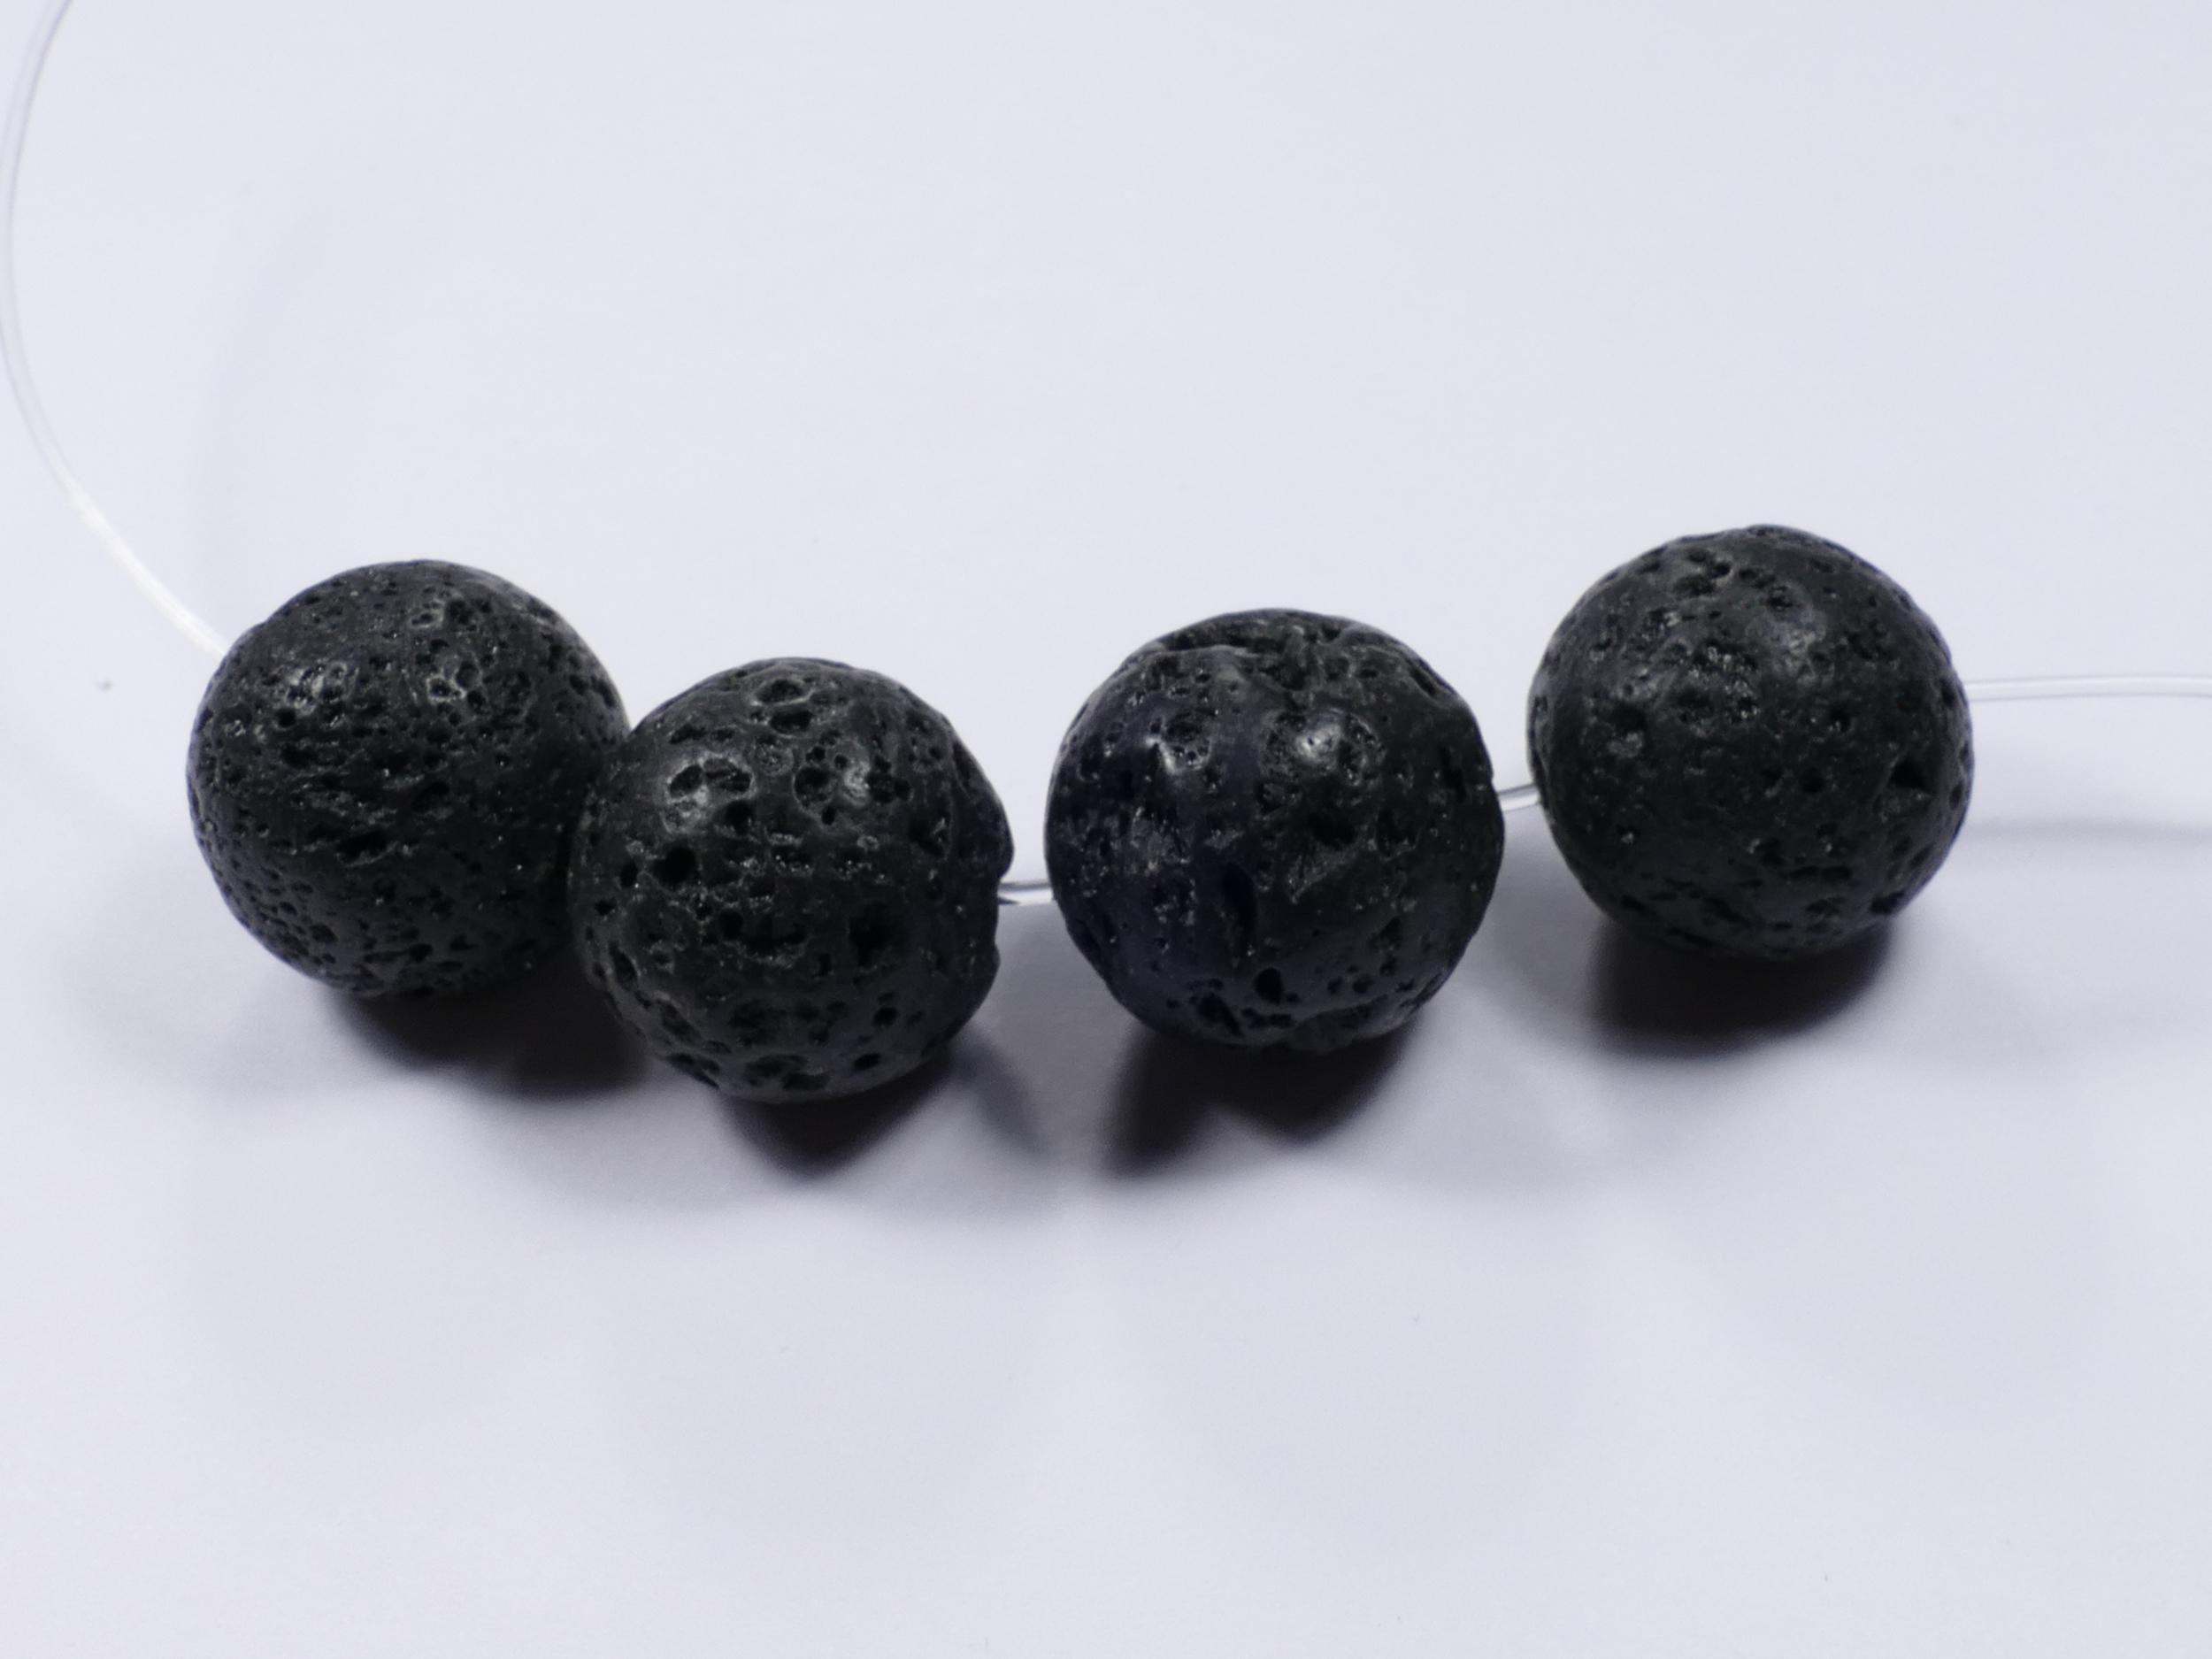 18mm x8 Perles de Lave naturelle en boule/ronde (#AC110)